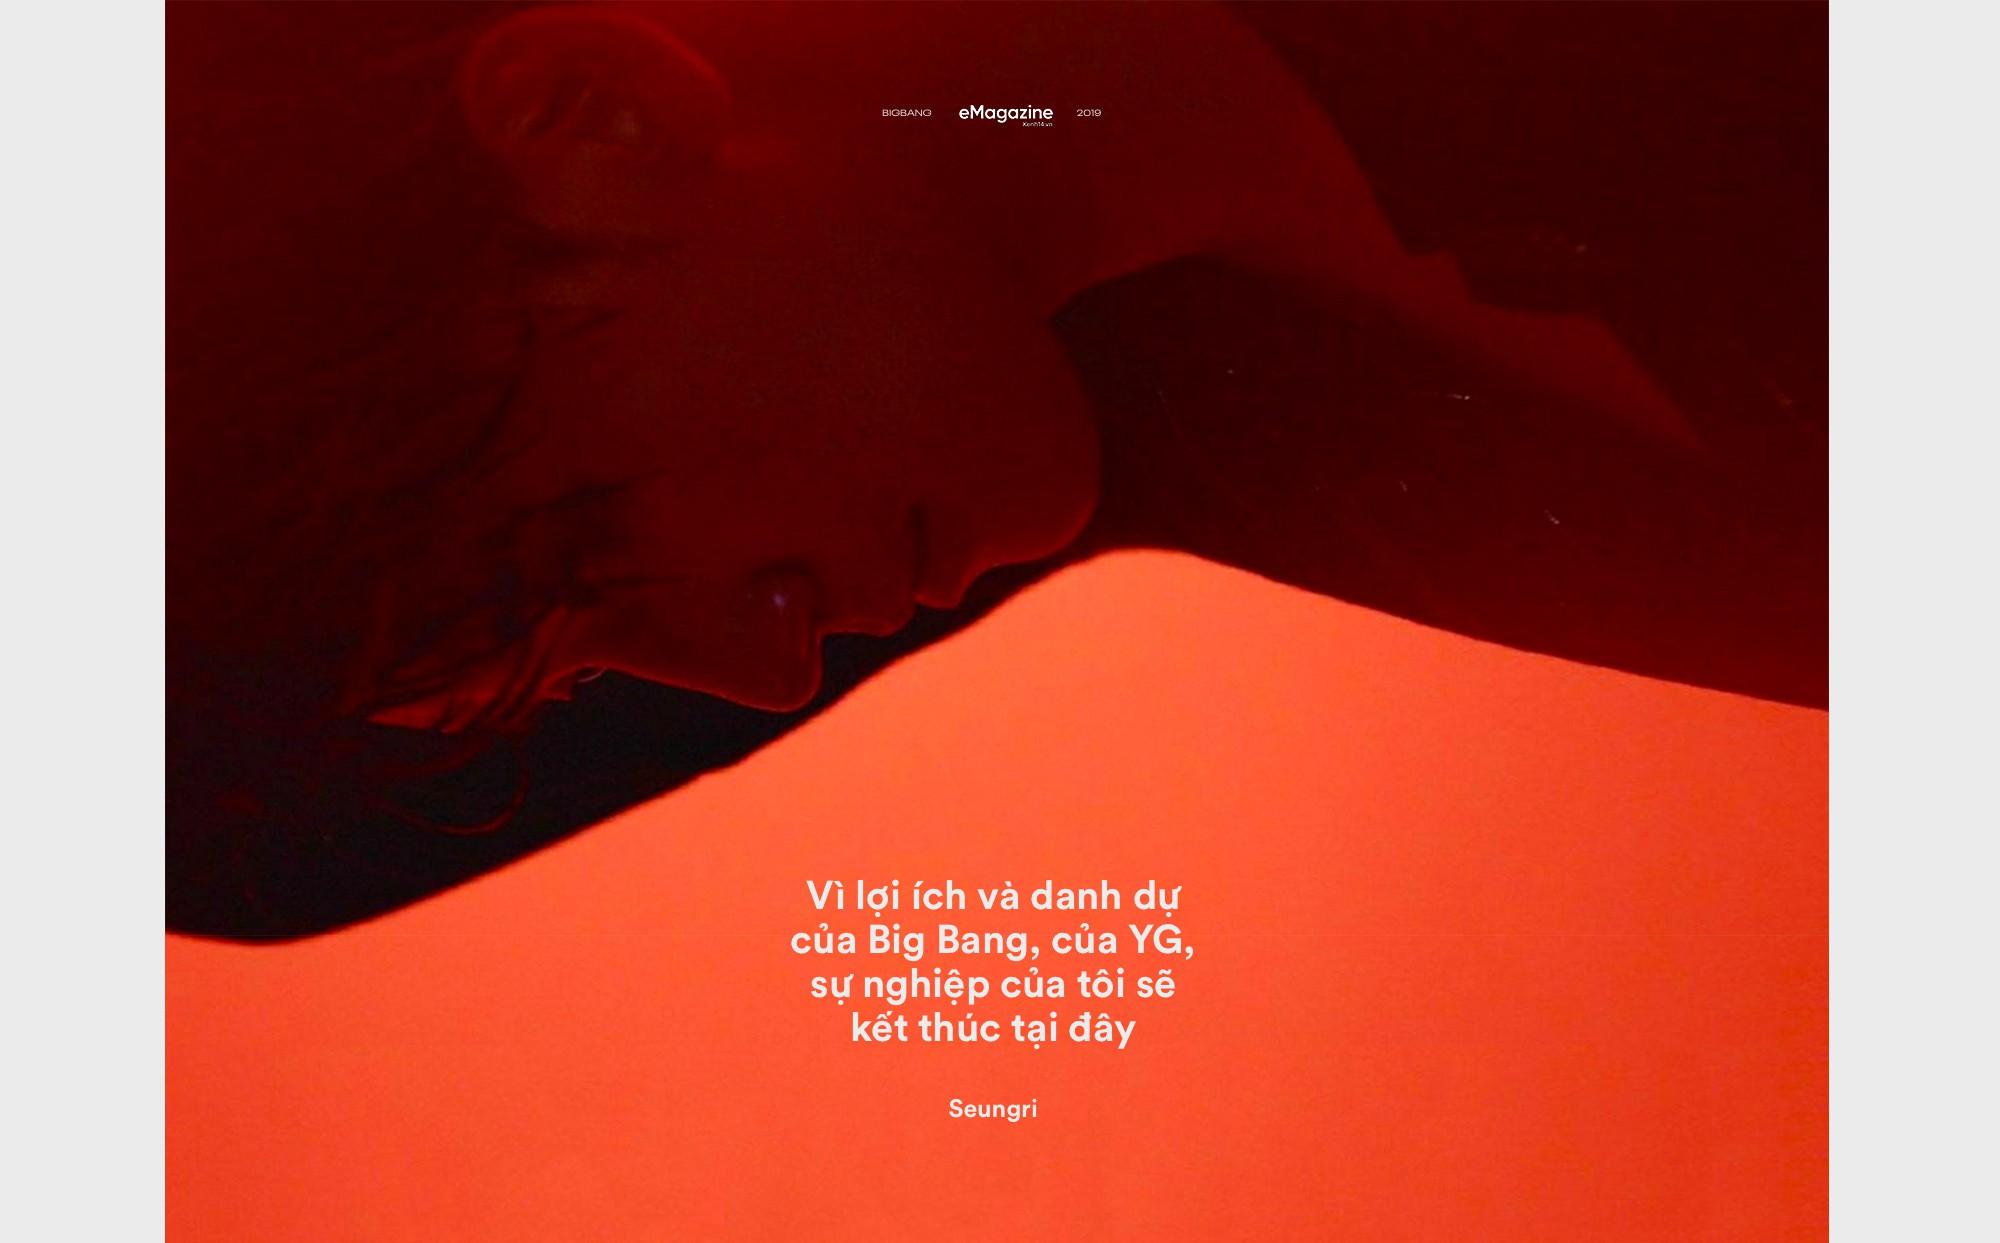 Big Bang: Khi hào quang chỉ còn lại tro tàn, tường thành 13 năm thanh xuân sụp đổ vì lời hứa ở bên nhau đã không còn trọn vẹn - Ảnh 7.